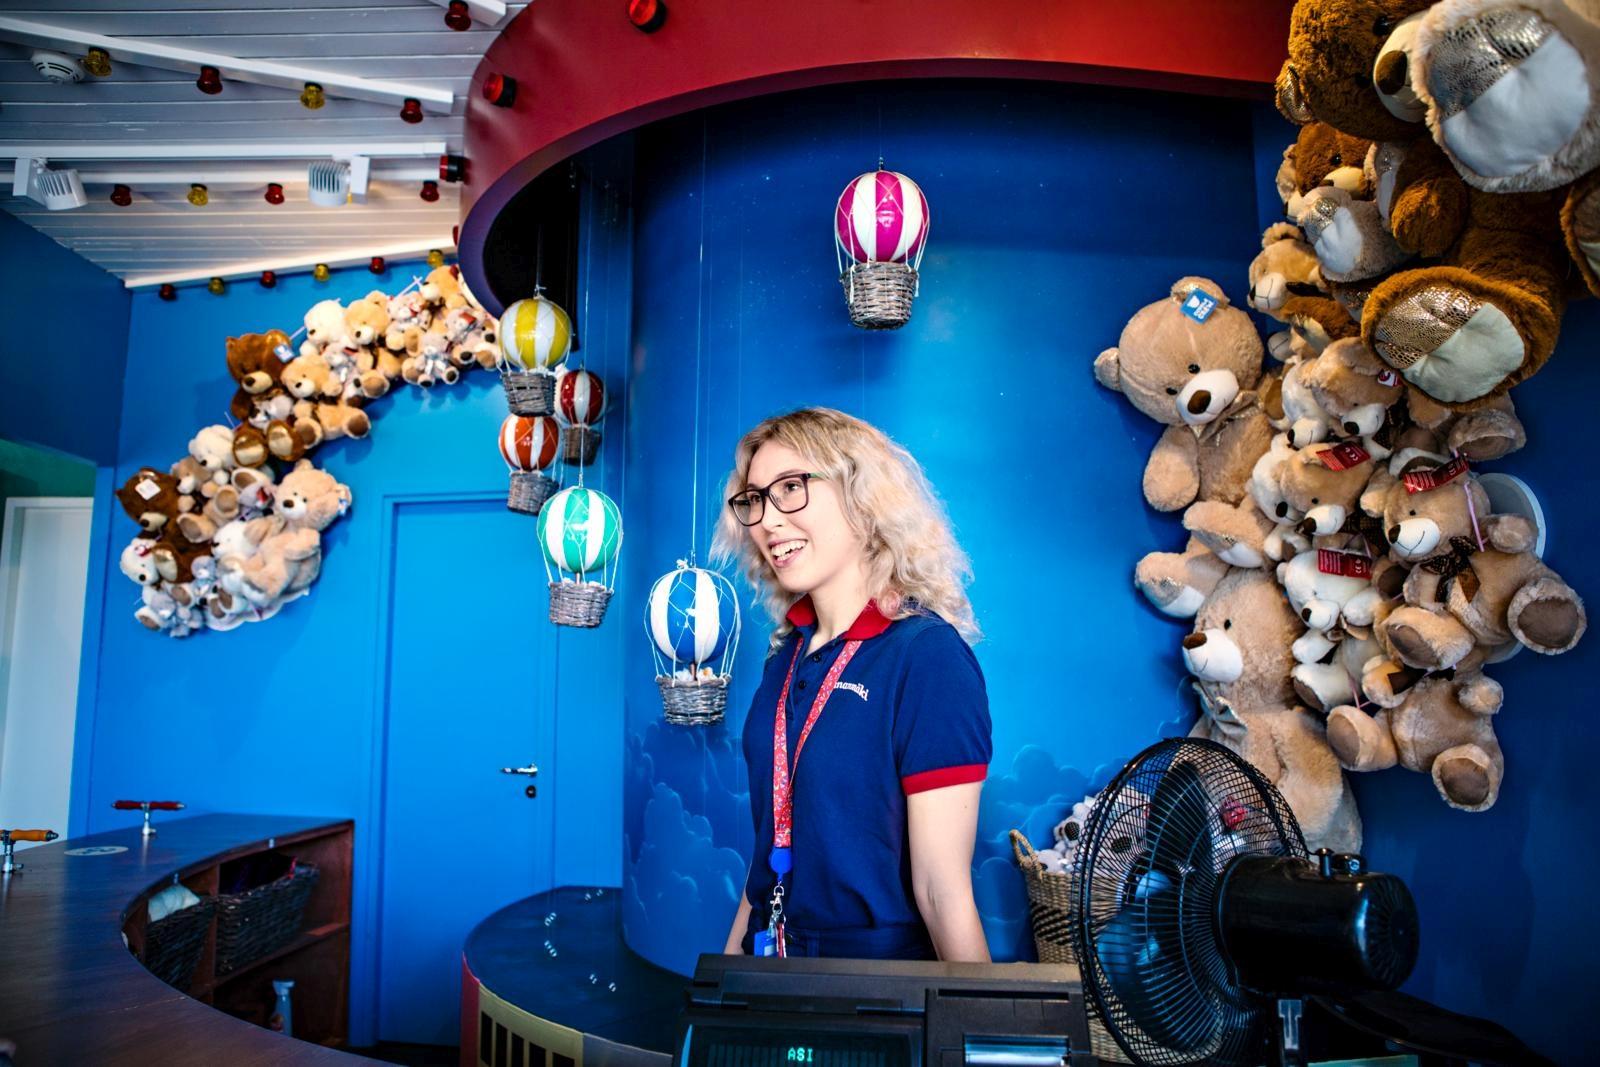 Kerttu-Liina Oksanen on saanut kokeneemmilta työkavereilta arvokkaita vinkkejä pelien juontamiseen. Kuva: Eeva Anundi